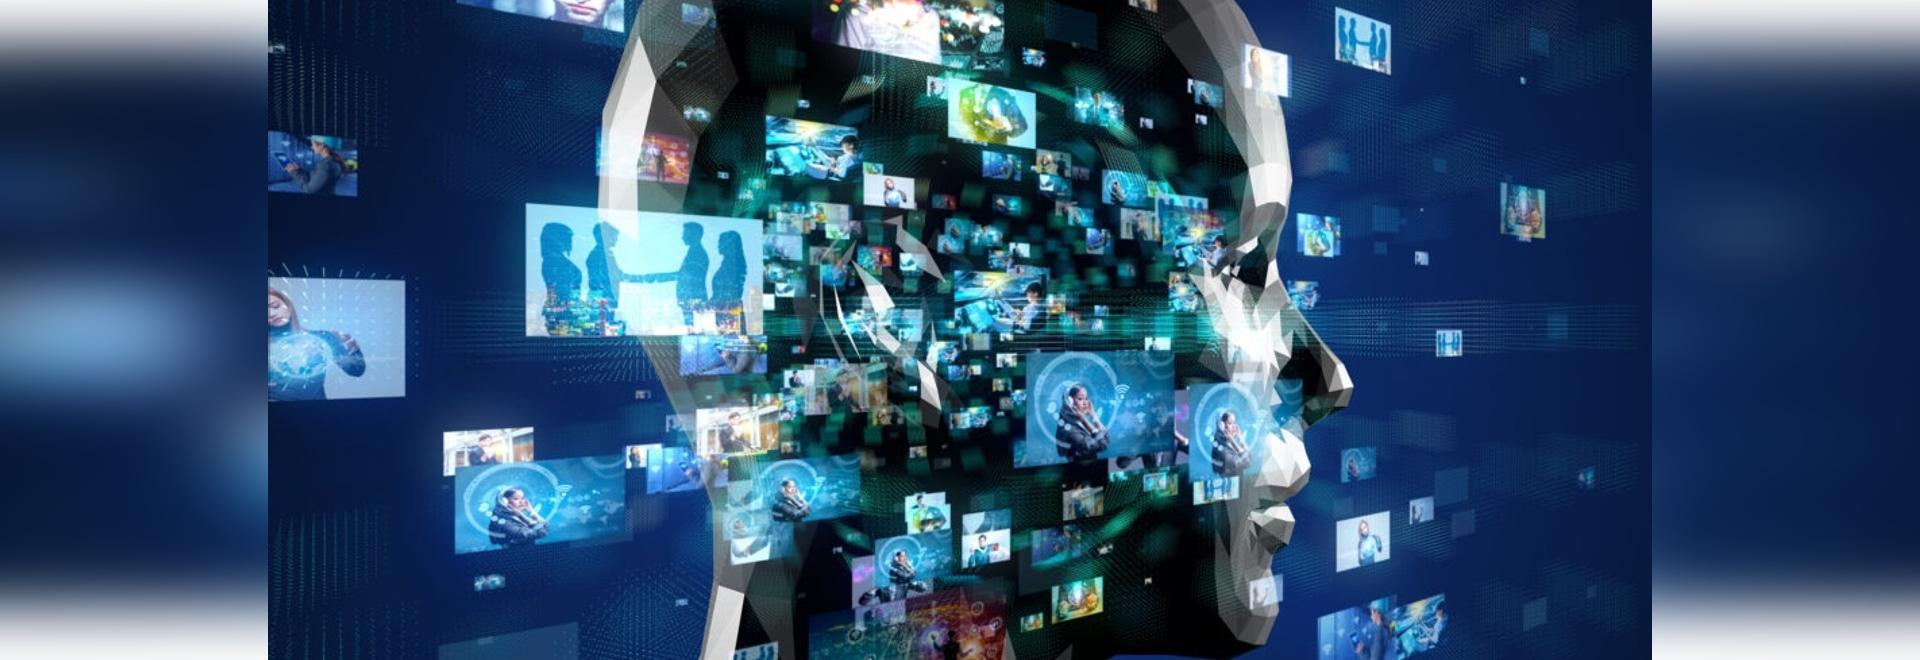 Les tendances de la robotique à surveiller en 2020 : Nos 8 grandes prédictions